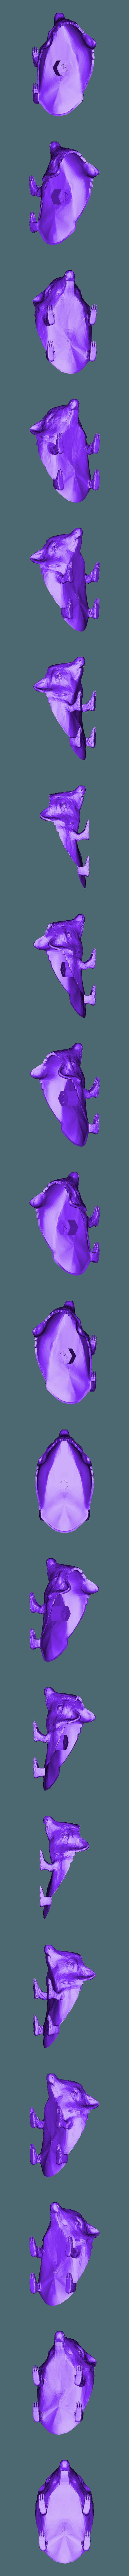 herisson_corps01.STL Télécharger fichier STL gratuit Porte cure-dent Hérisson • Modèle à imprimer en 3D, Tibe-Design